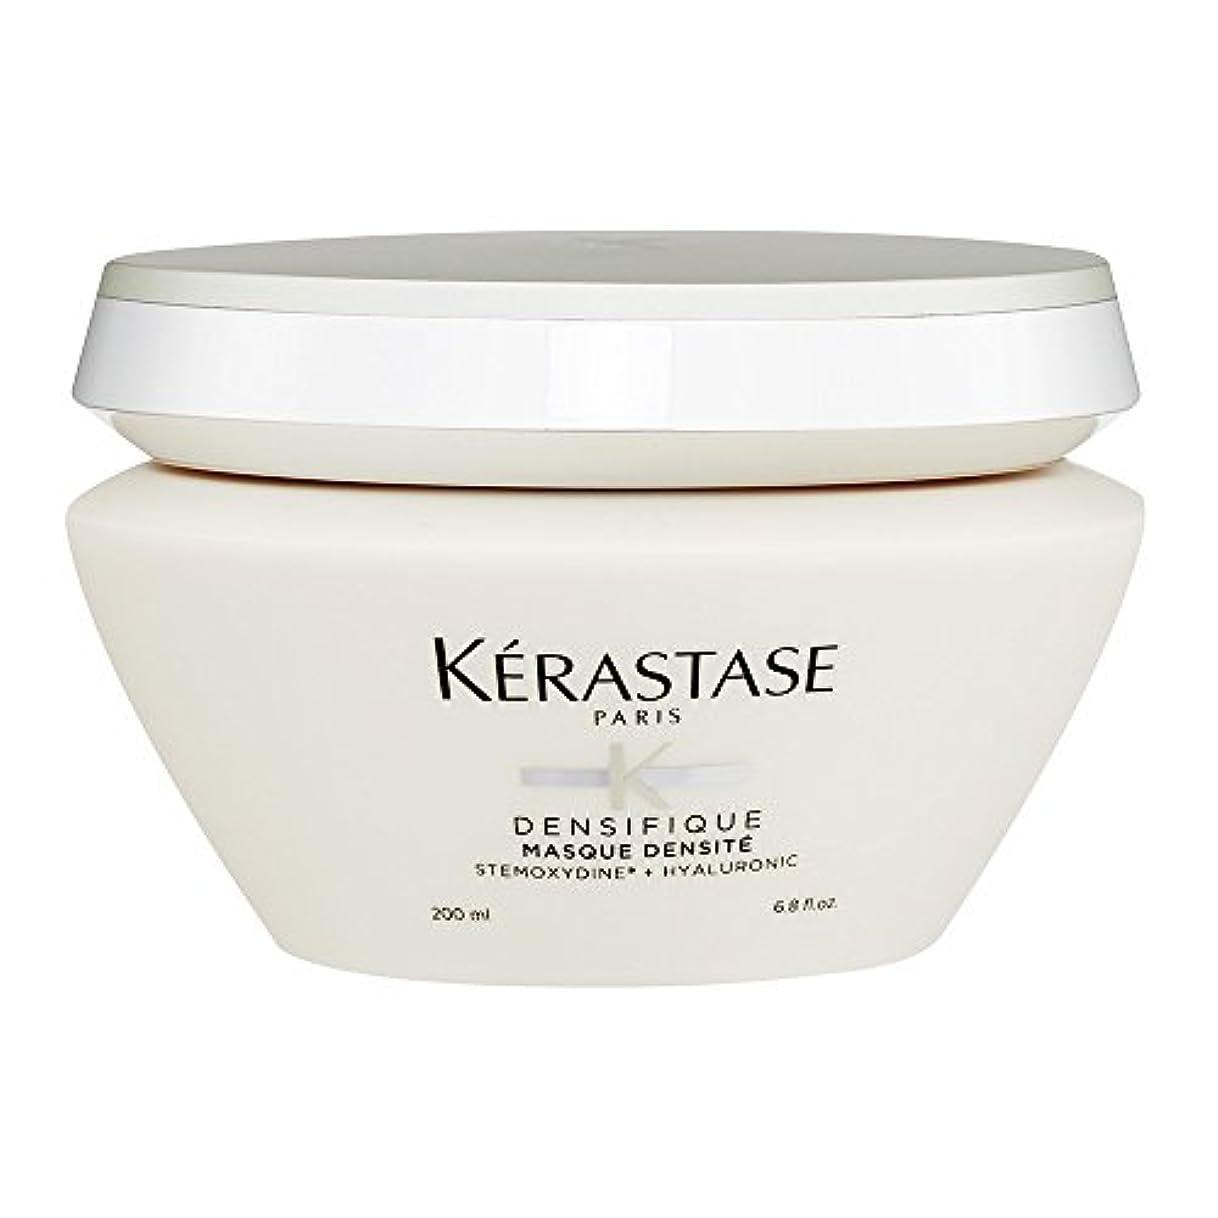 裸不安定な異常ケラスターゼ(KERASTASE) DS マスク デンシフィック 200ml [並行輸入品]